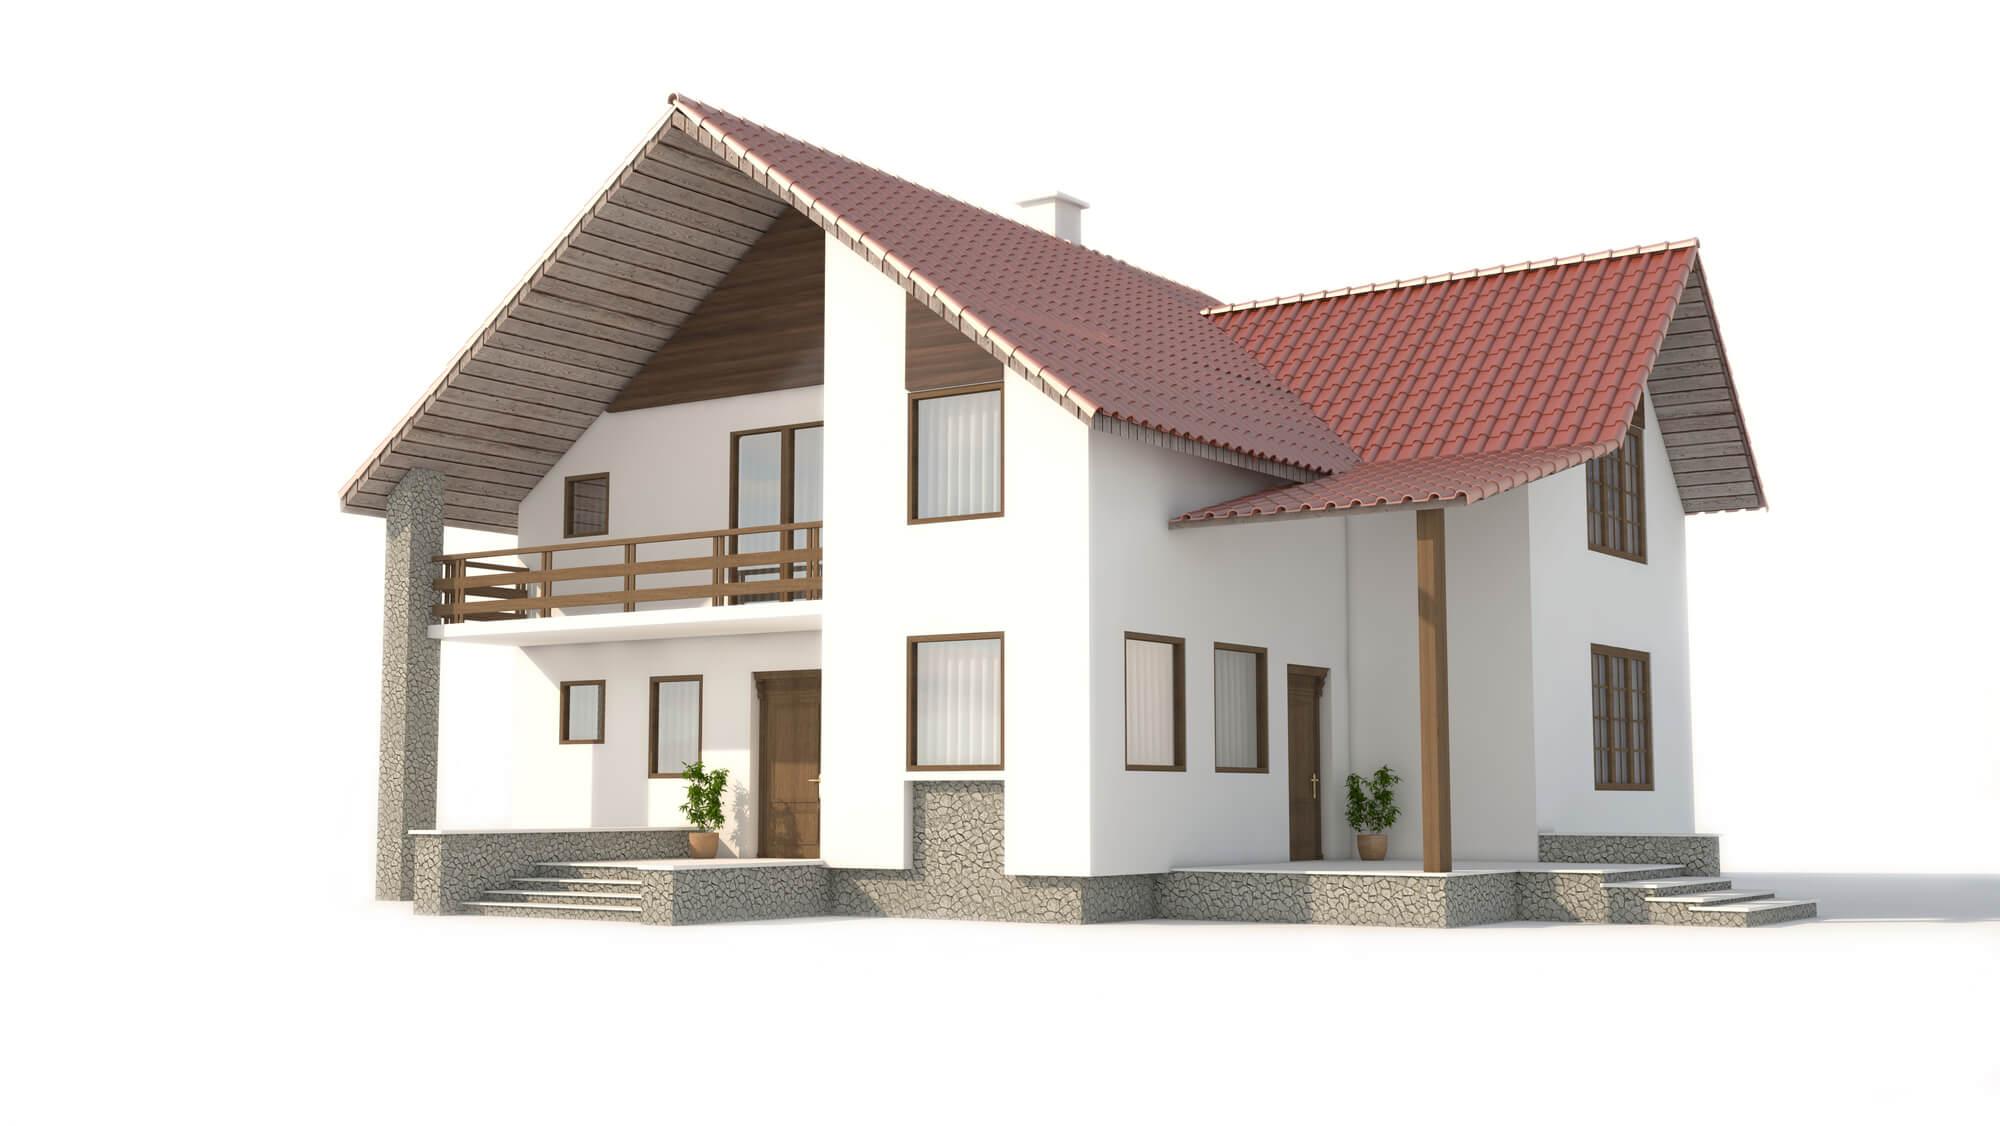 Wohngebäude versichern